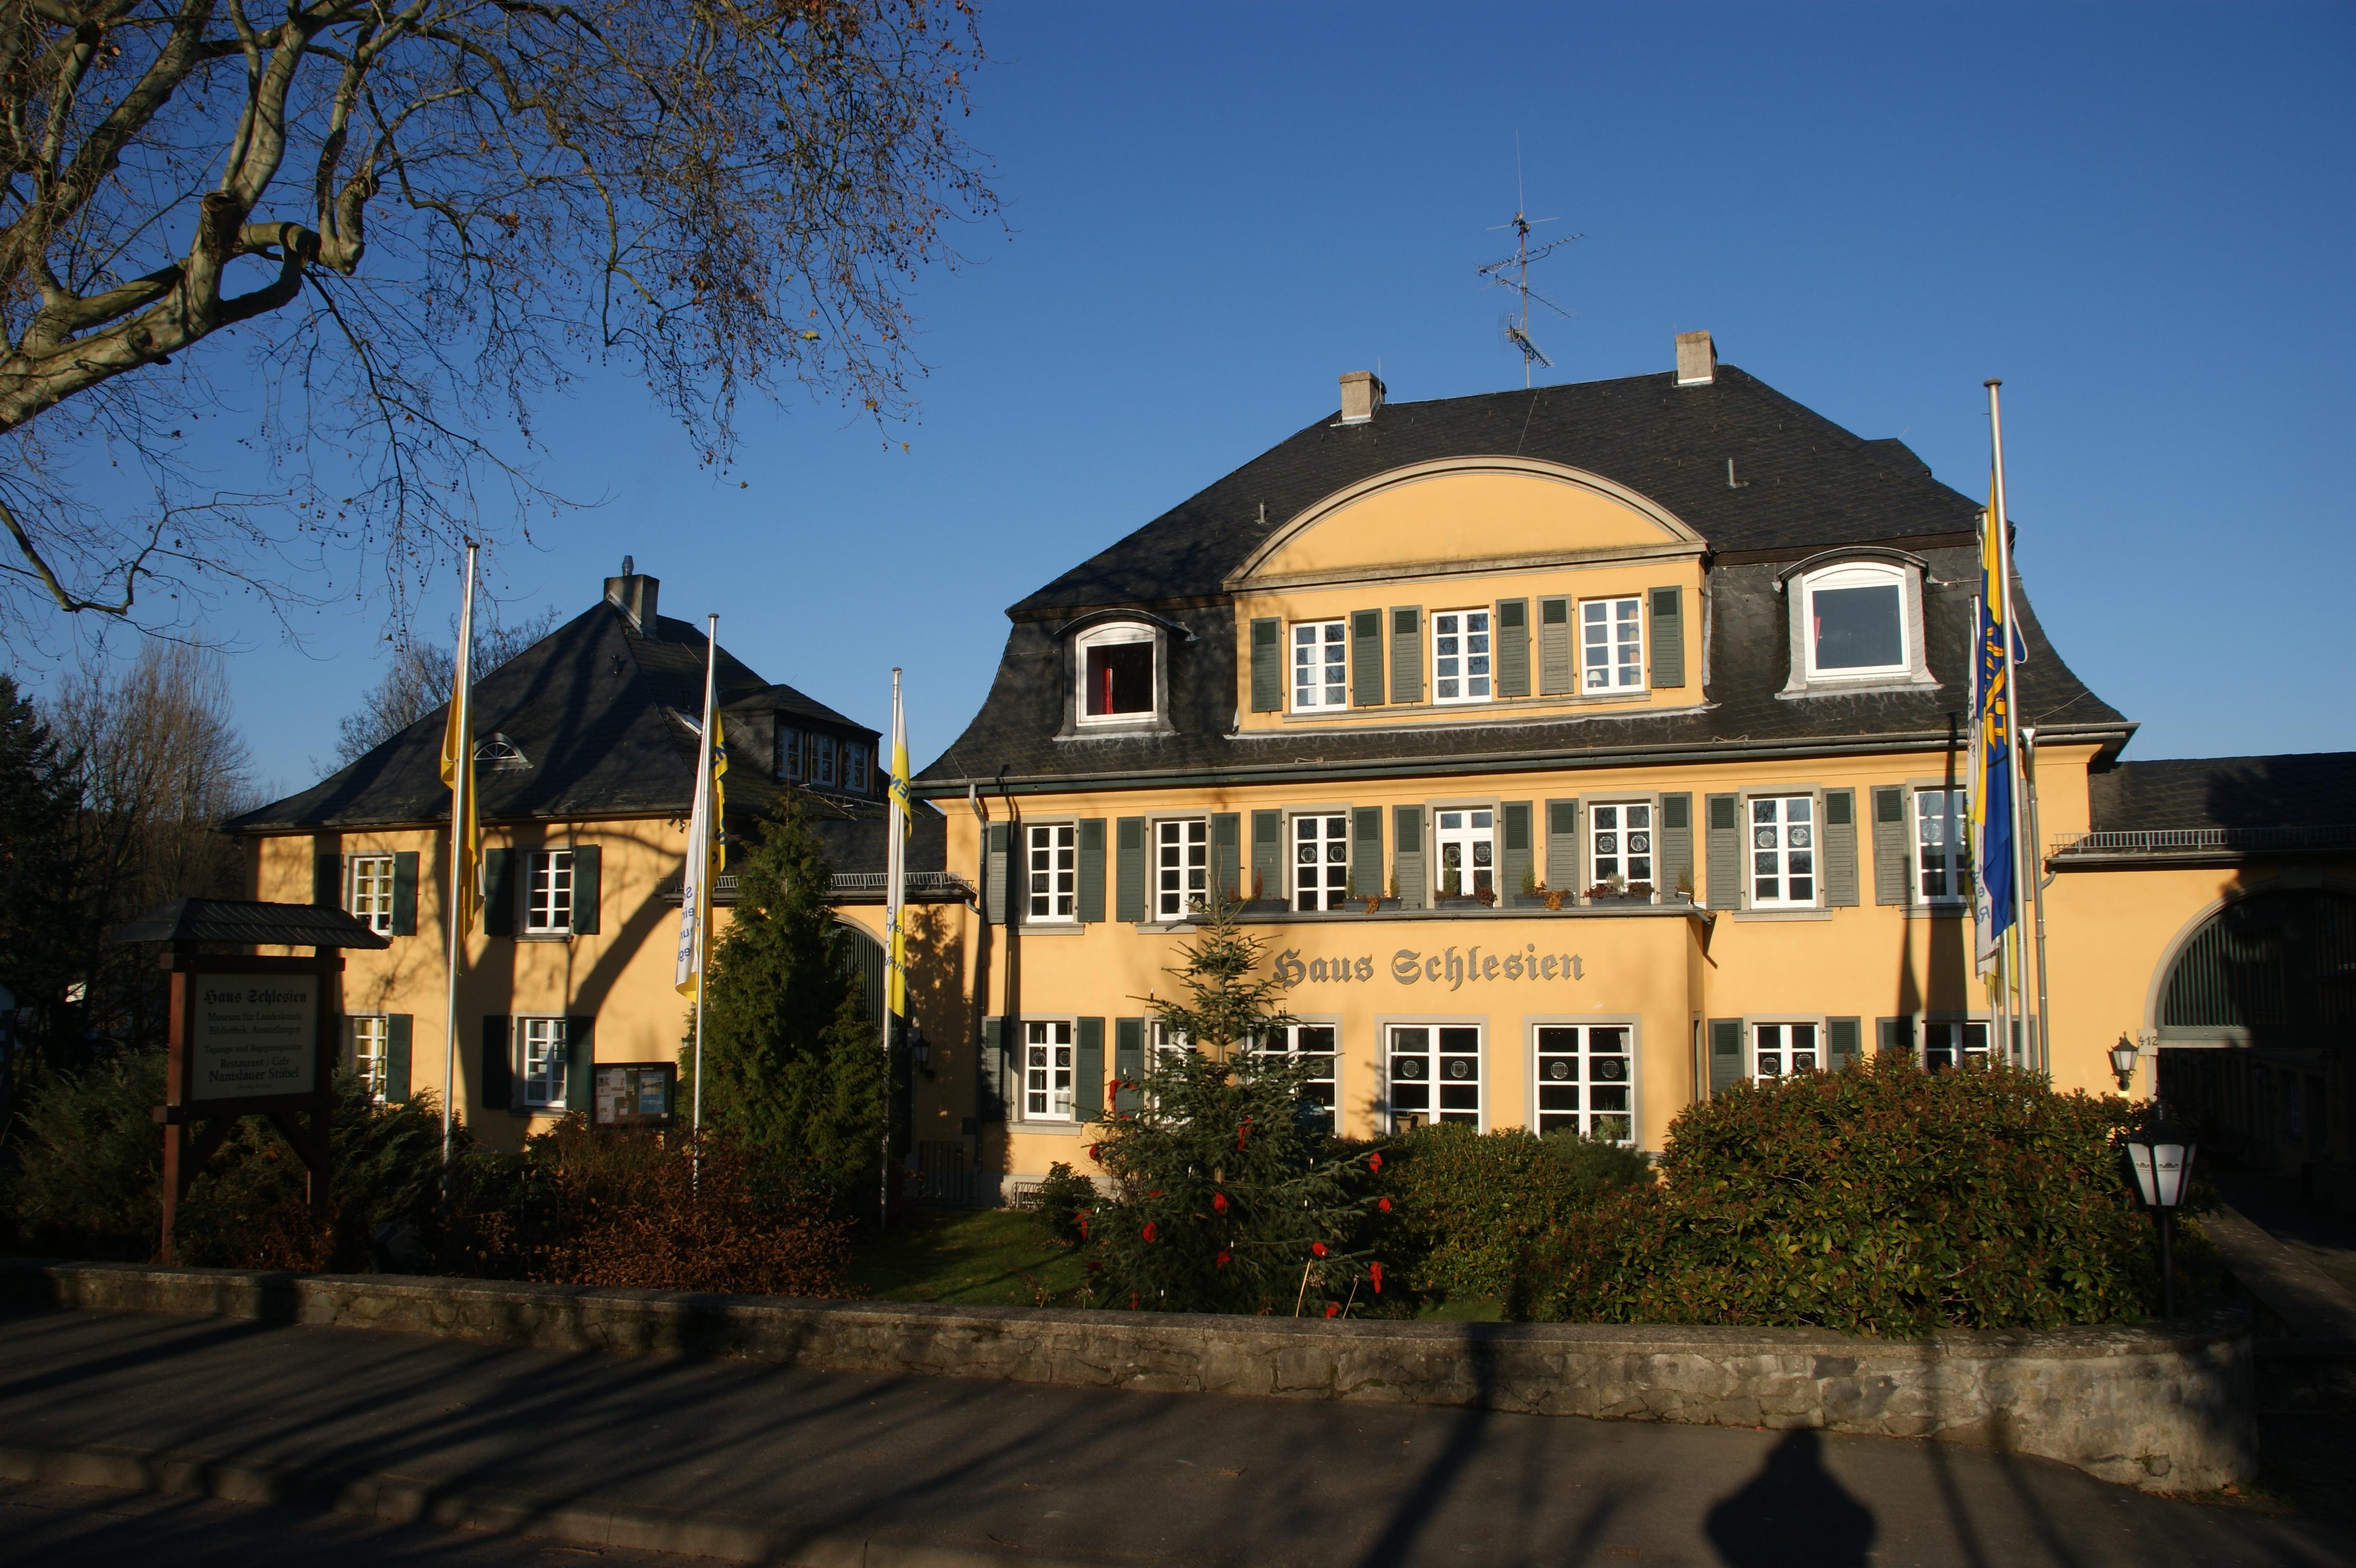 Haus Schlesien Wikipedia